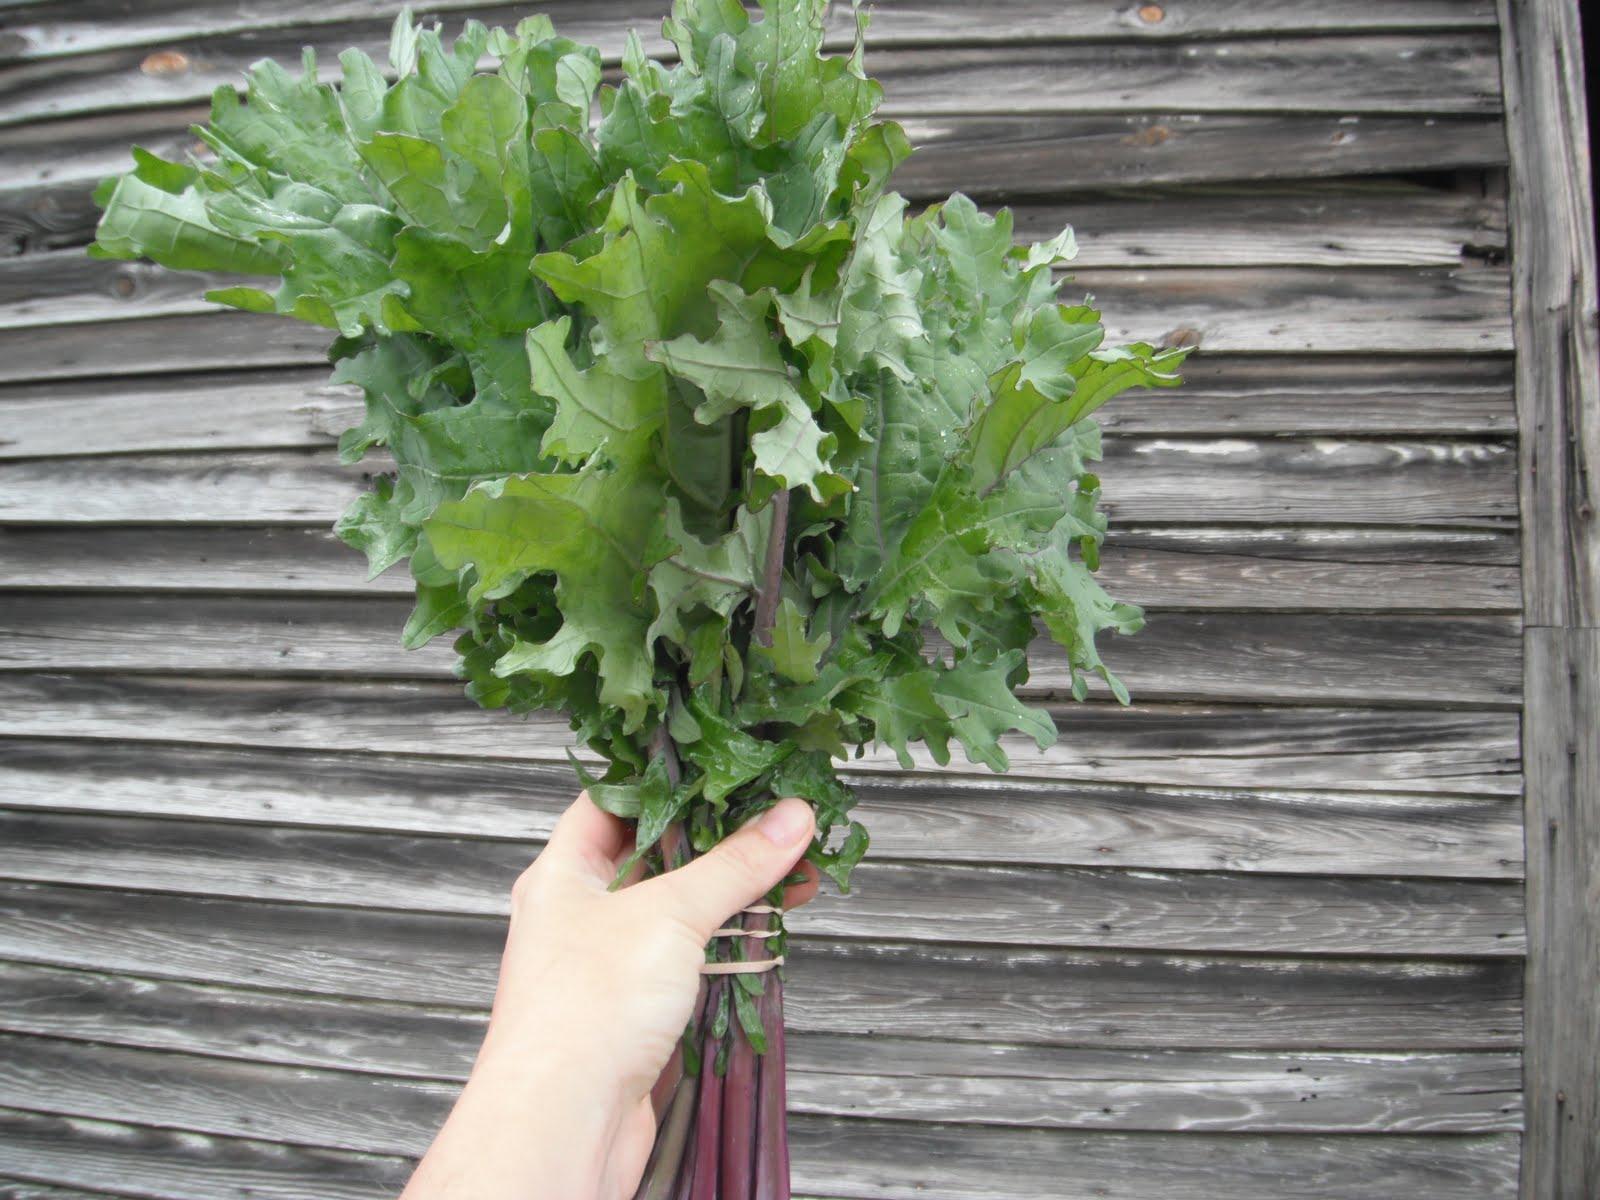 Should you eat kale stems